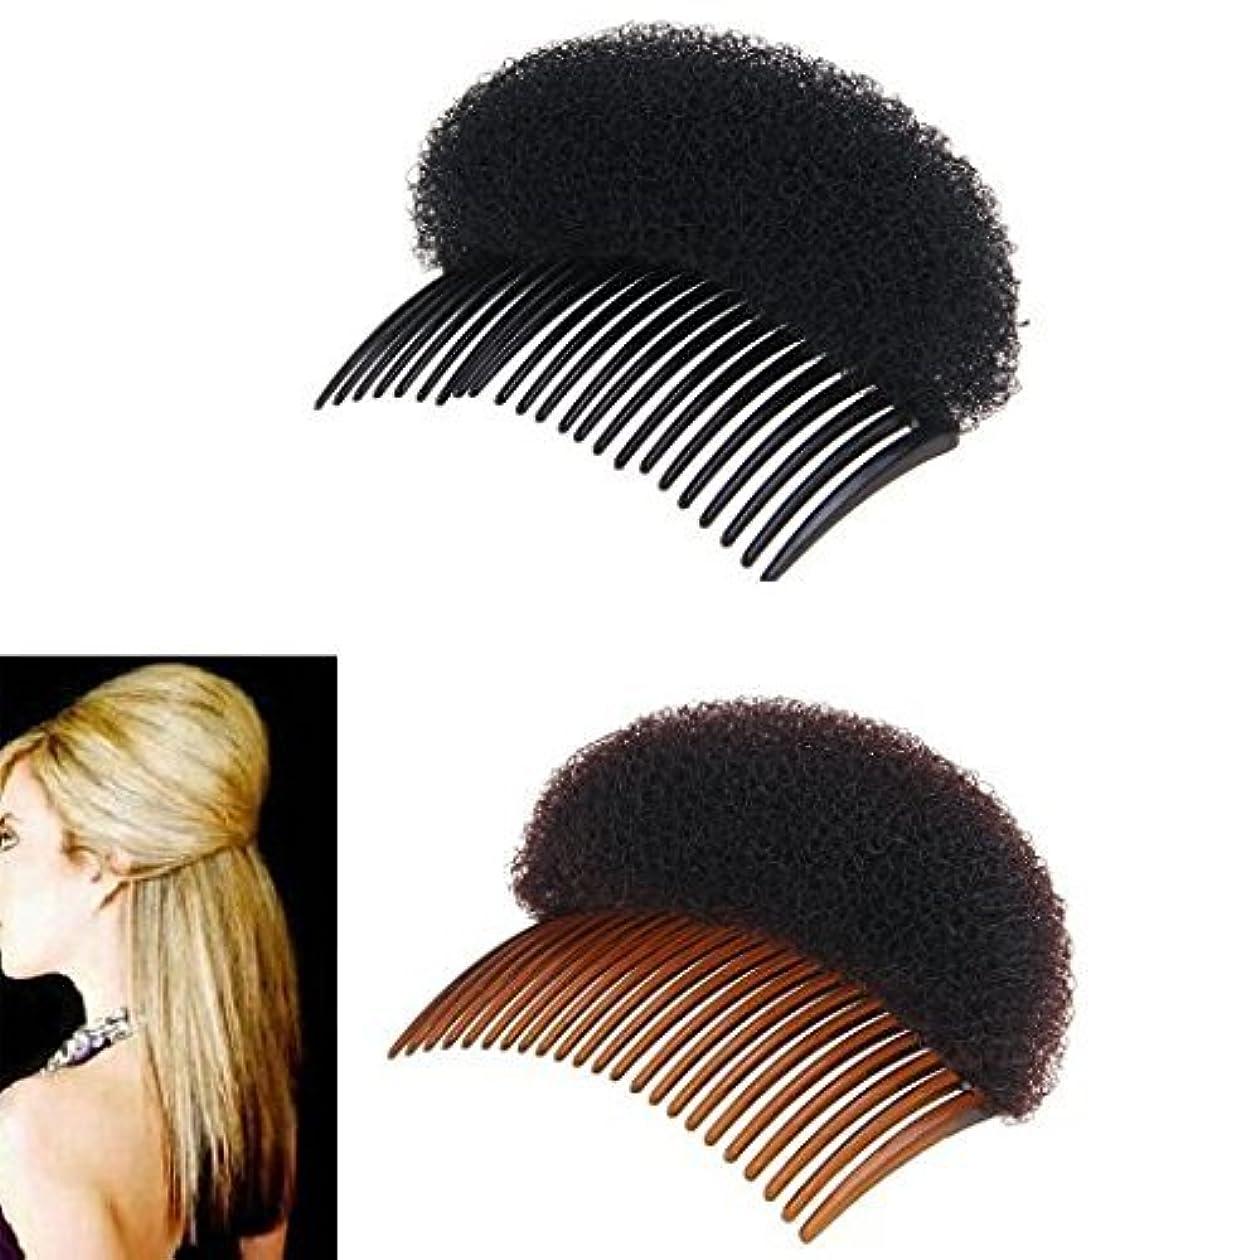 感情の近傍の量2Pices(1Black+1Brown) Women Bump It Up Volume Hair Base Styling Clip Stick Bum Maker Braid Insert Tool Do Beehive...